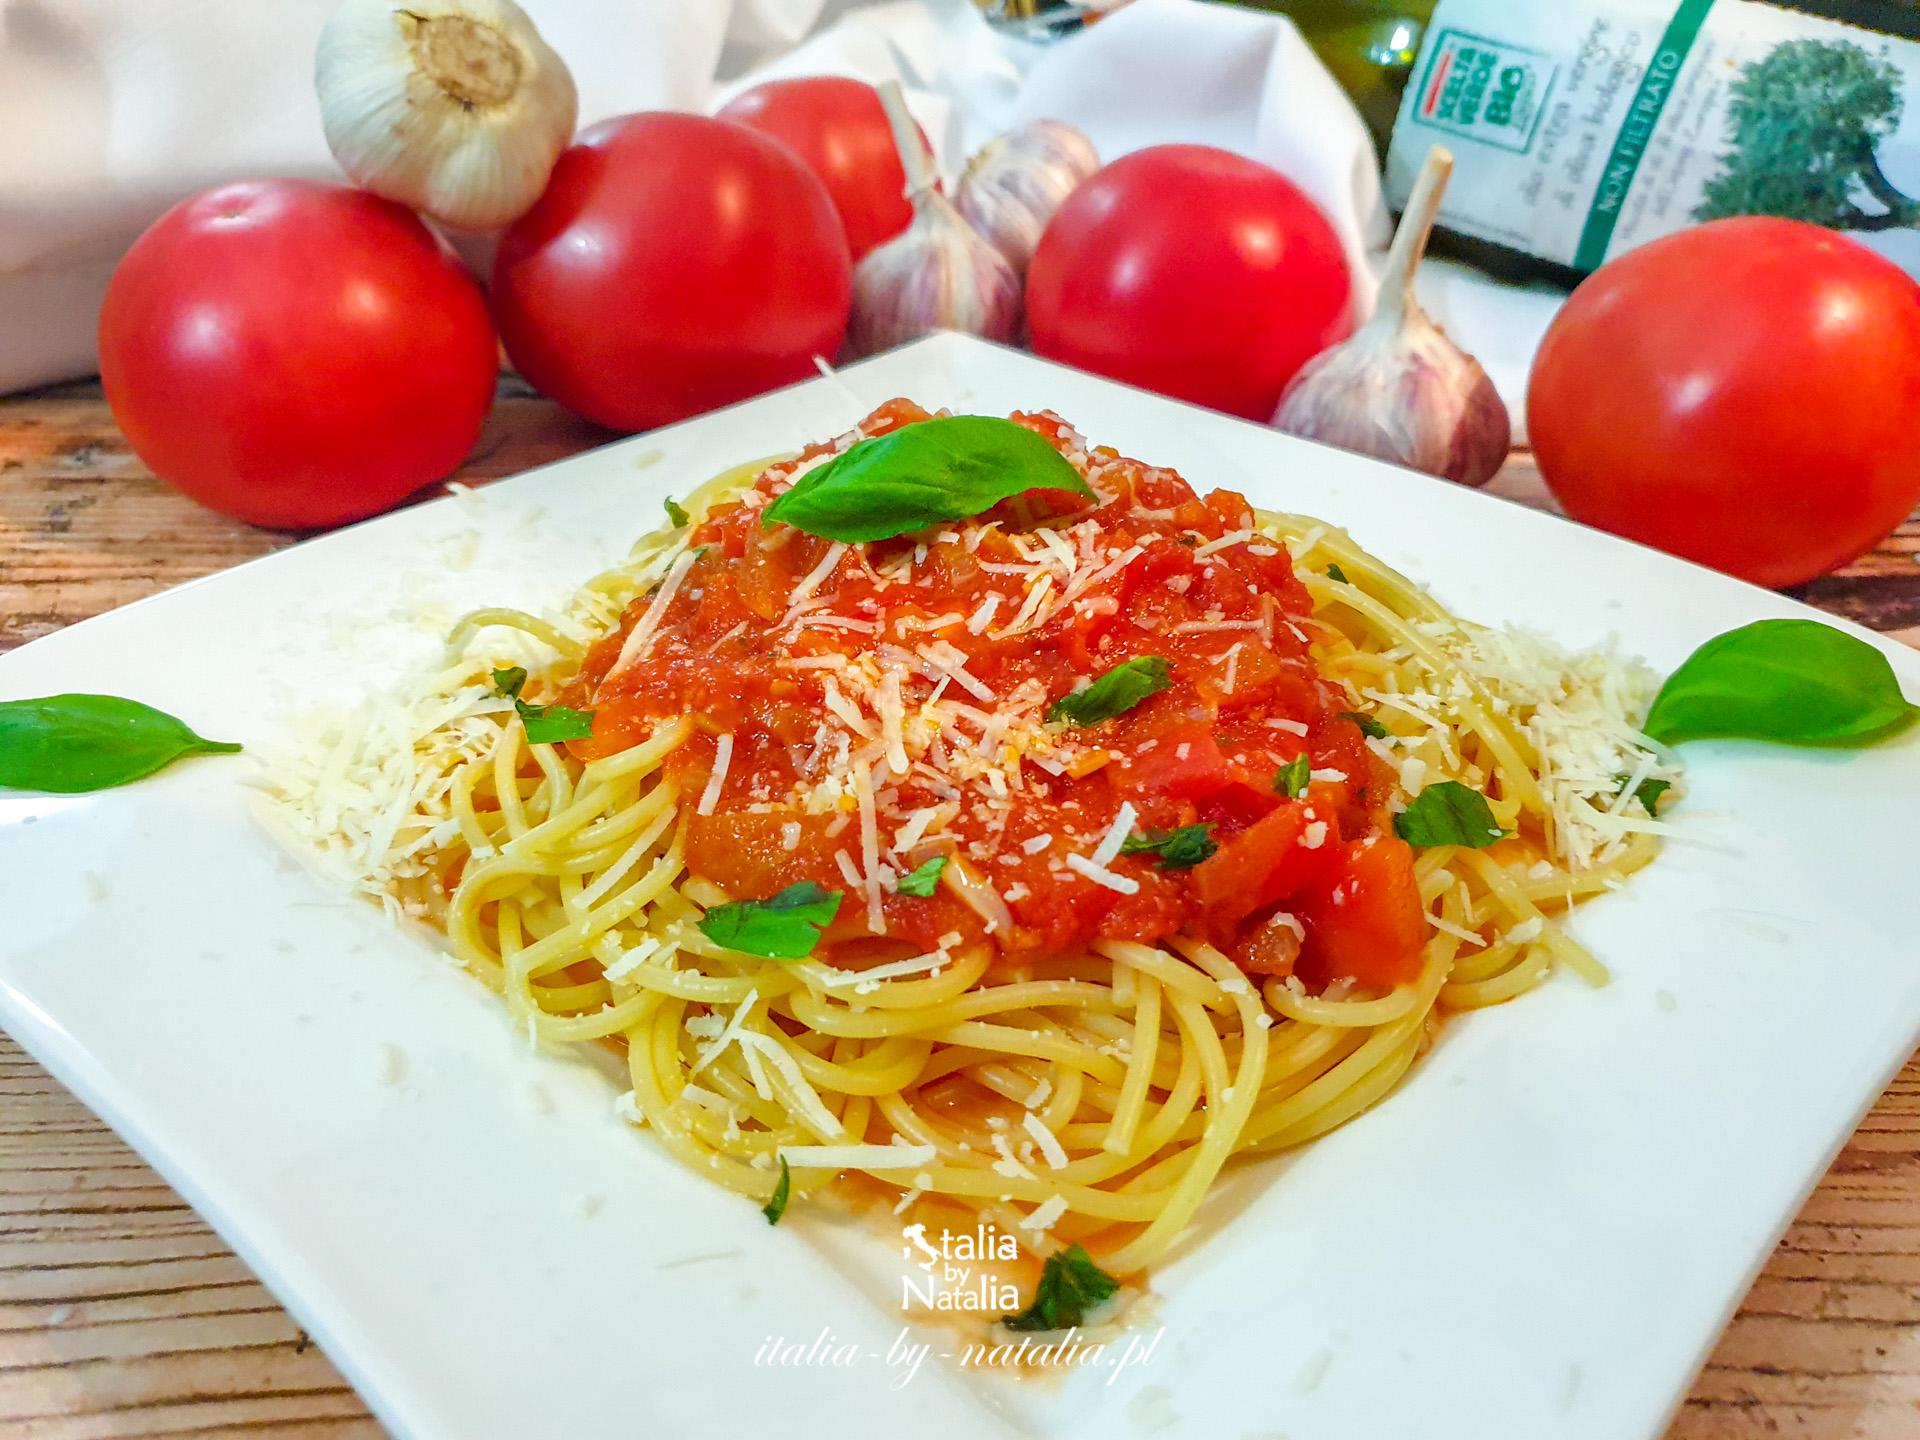 Spaghetti Napoli - oryginalny przepis na makaron z sosem pomidorowym